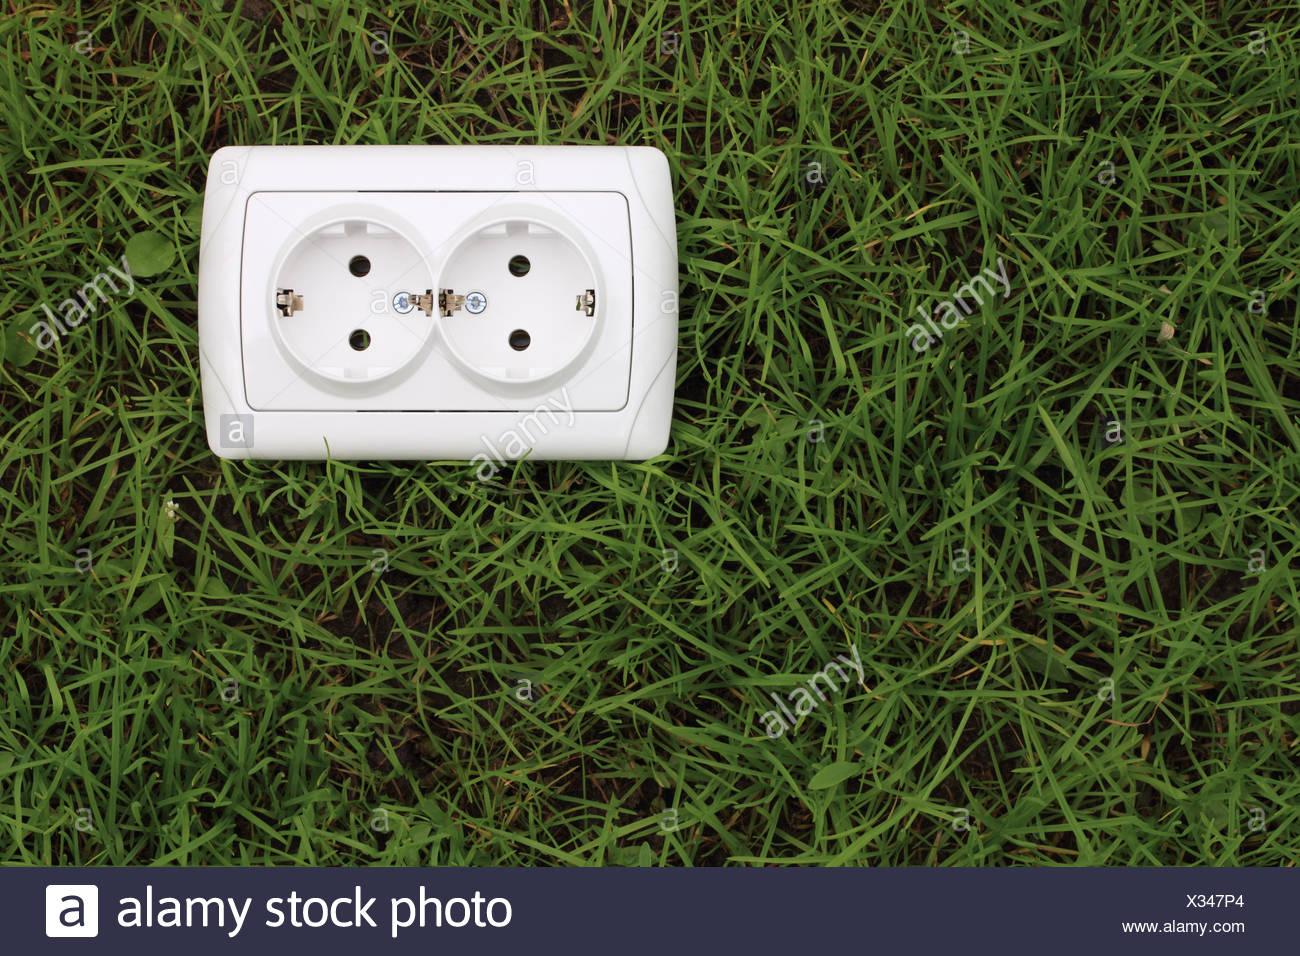 elektrische Steckdose auf einem grünen Rasen-Hintergrund Stockbild